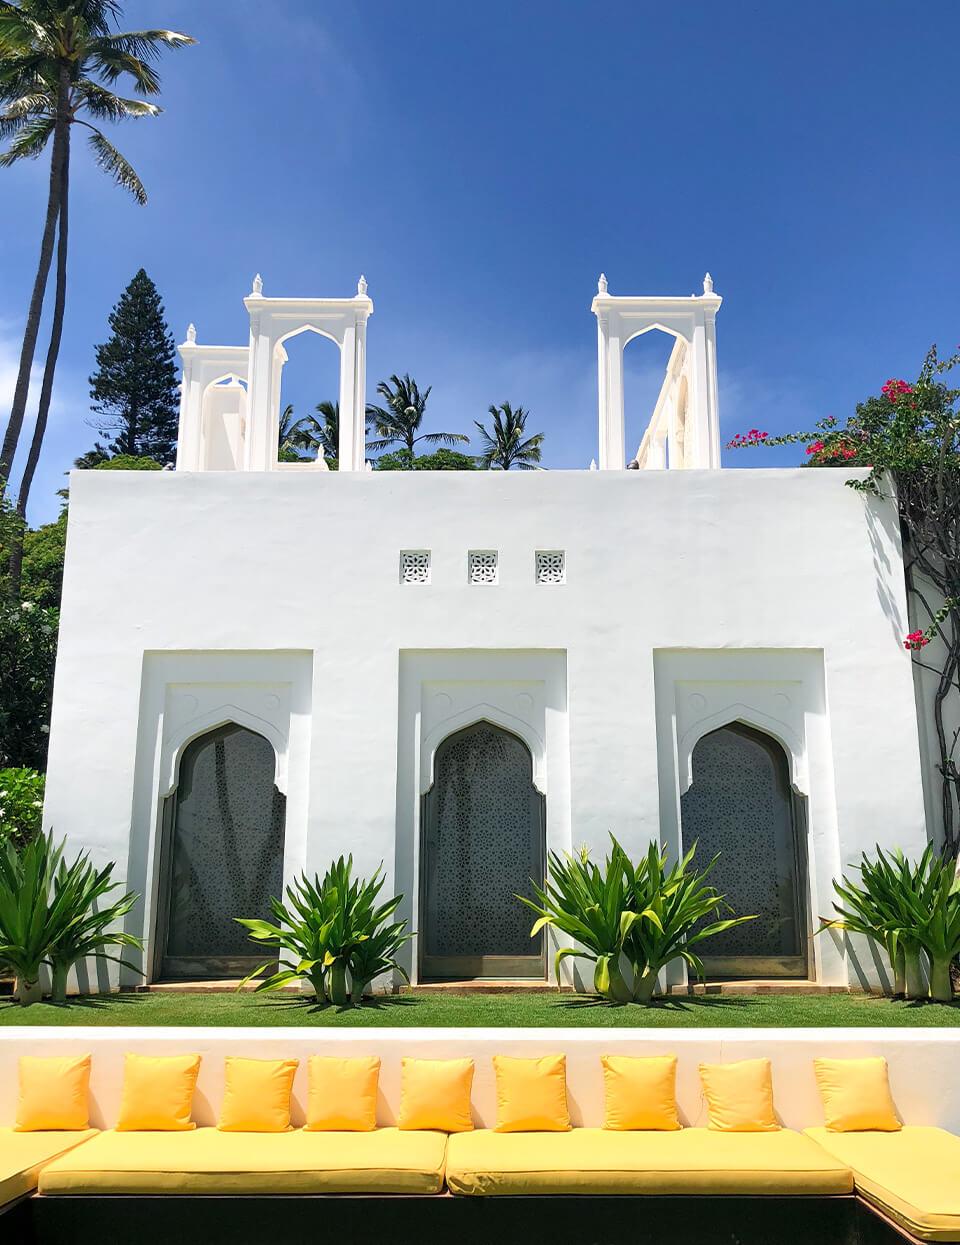 Shangri La museum lawn